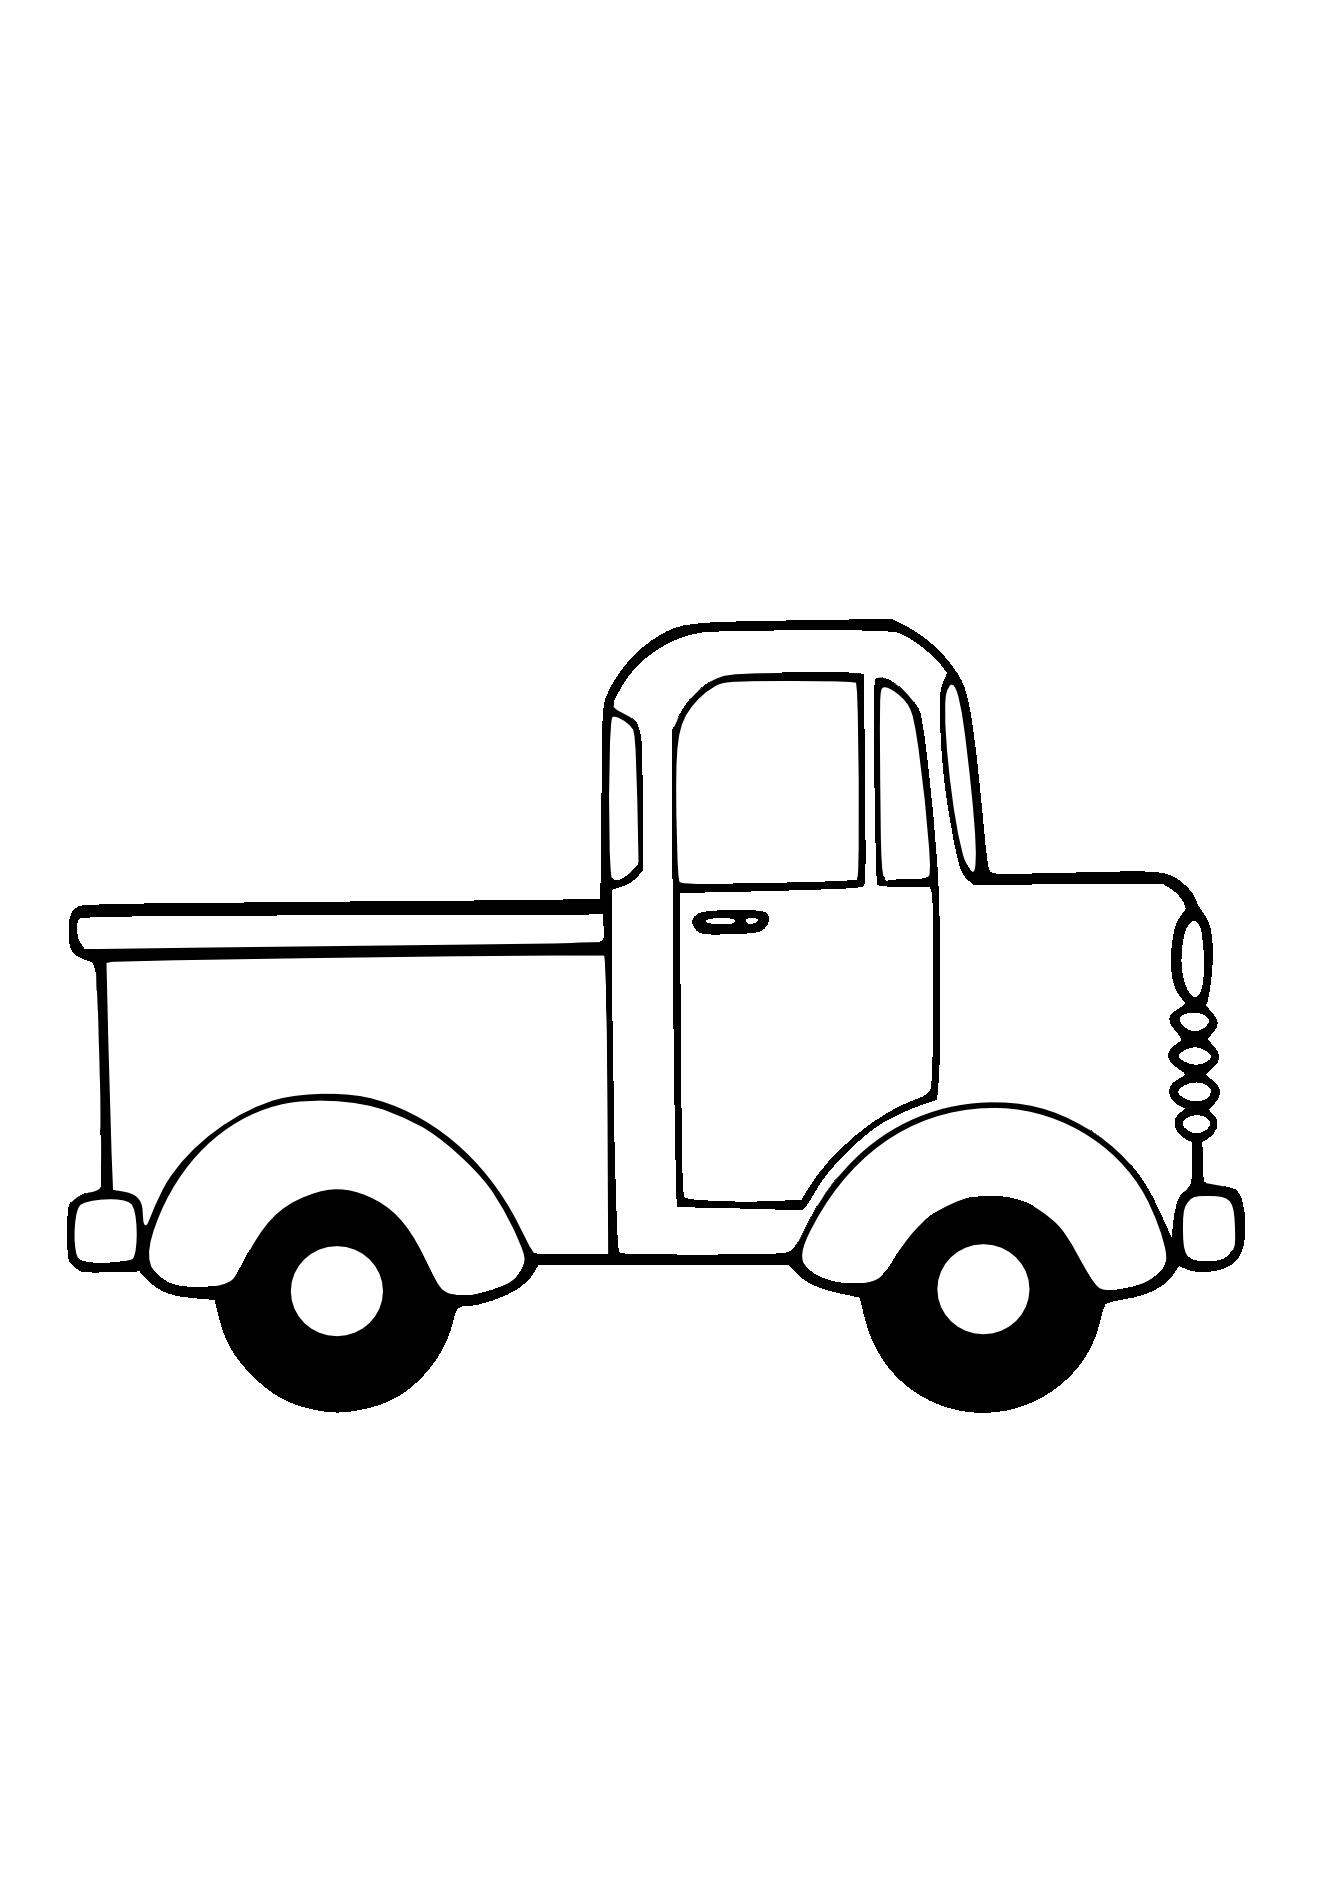 Inspirant Image De Moyen De Transport A Imprimer